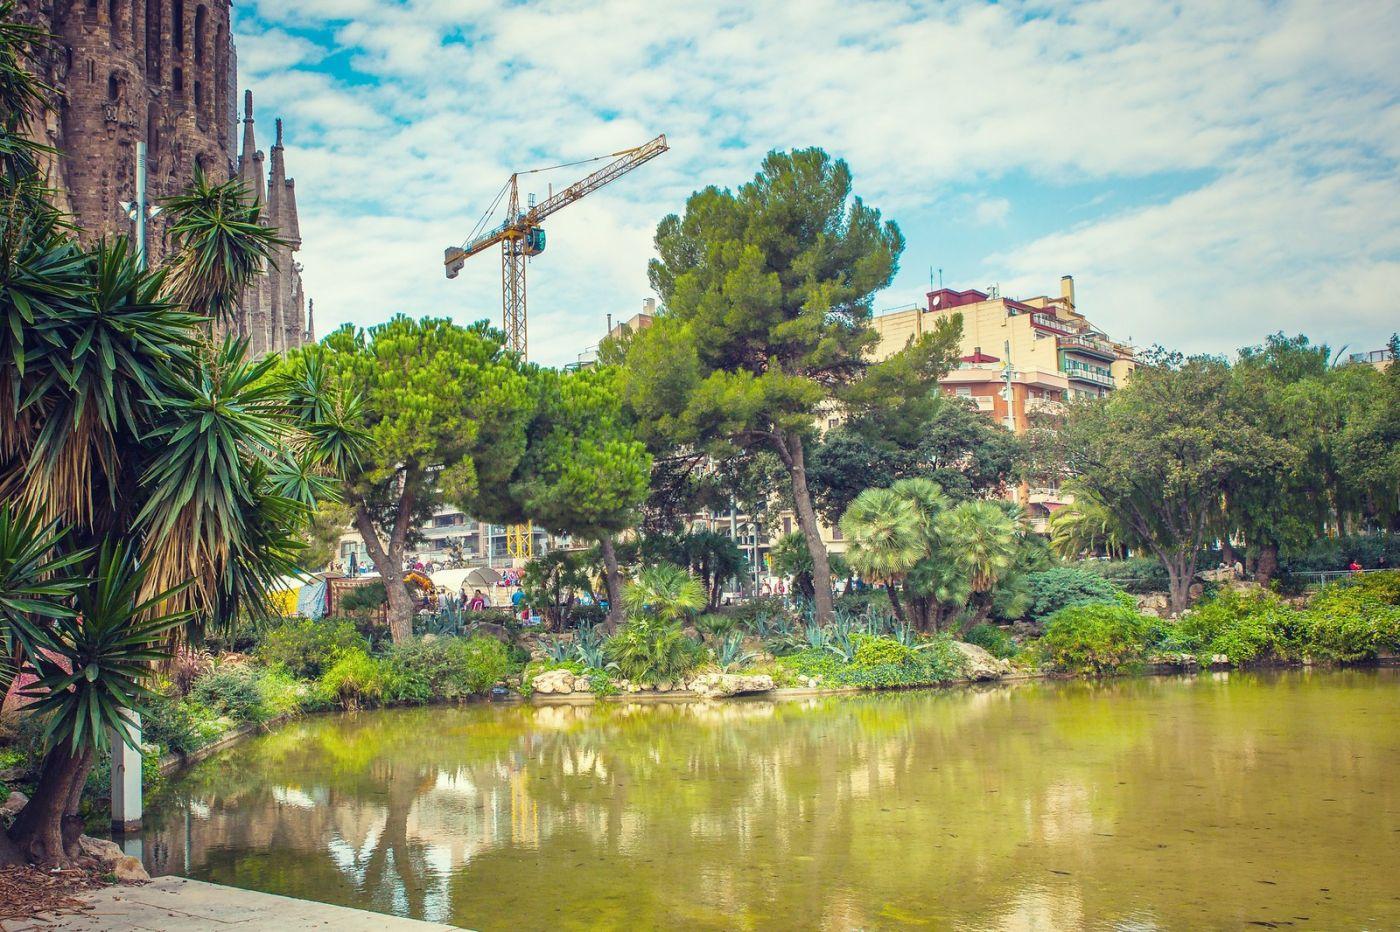 西班牙圣家堂(Sagrada Família),百年还未完工的世界遗产_图1-5